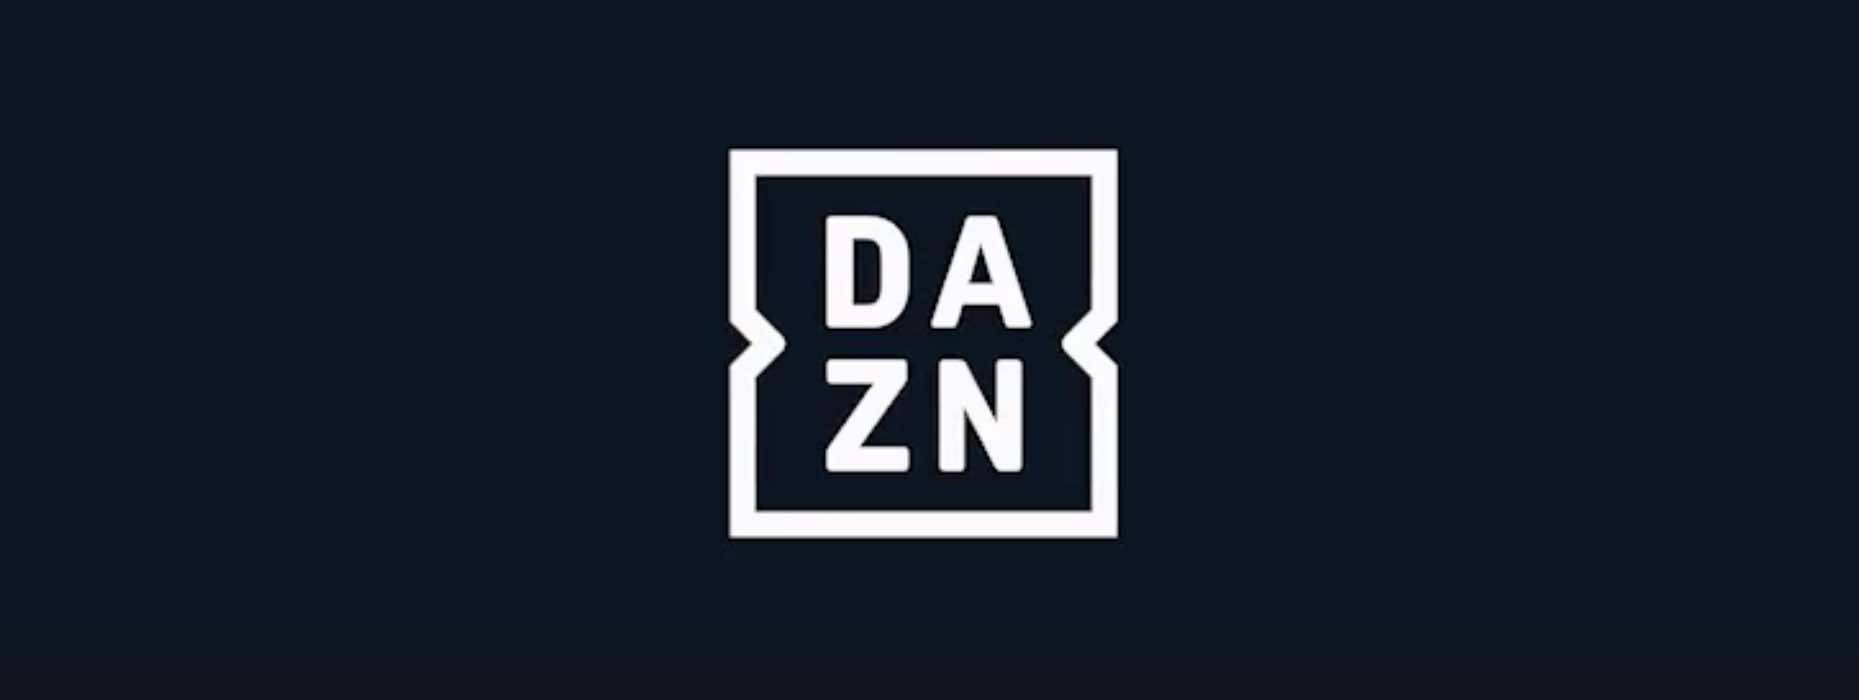 DAZN, un mese di prova gratis: la registrazione per accedere ai contenuti